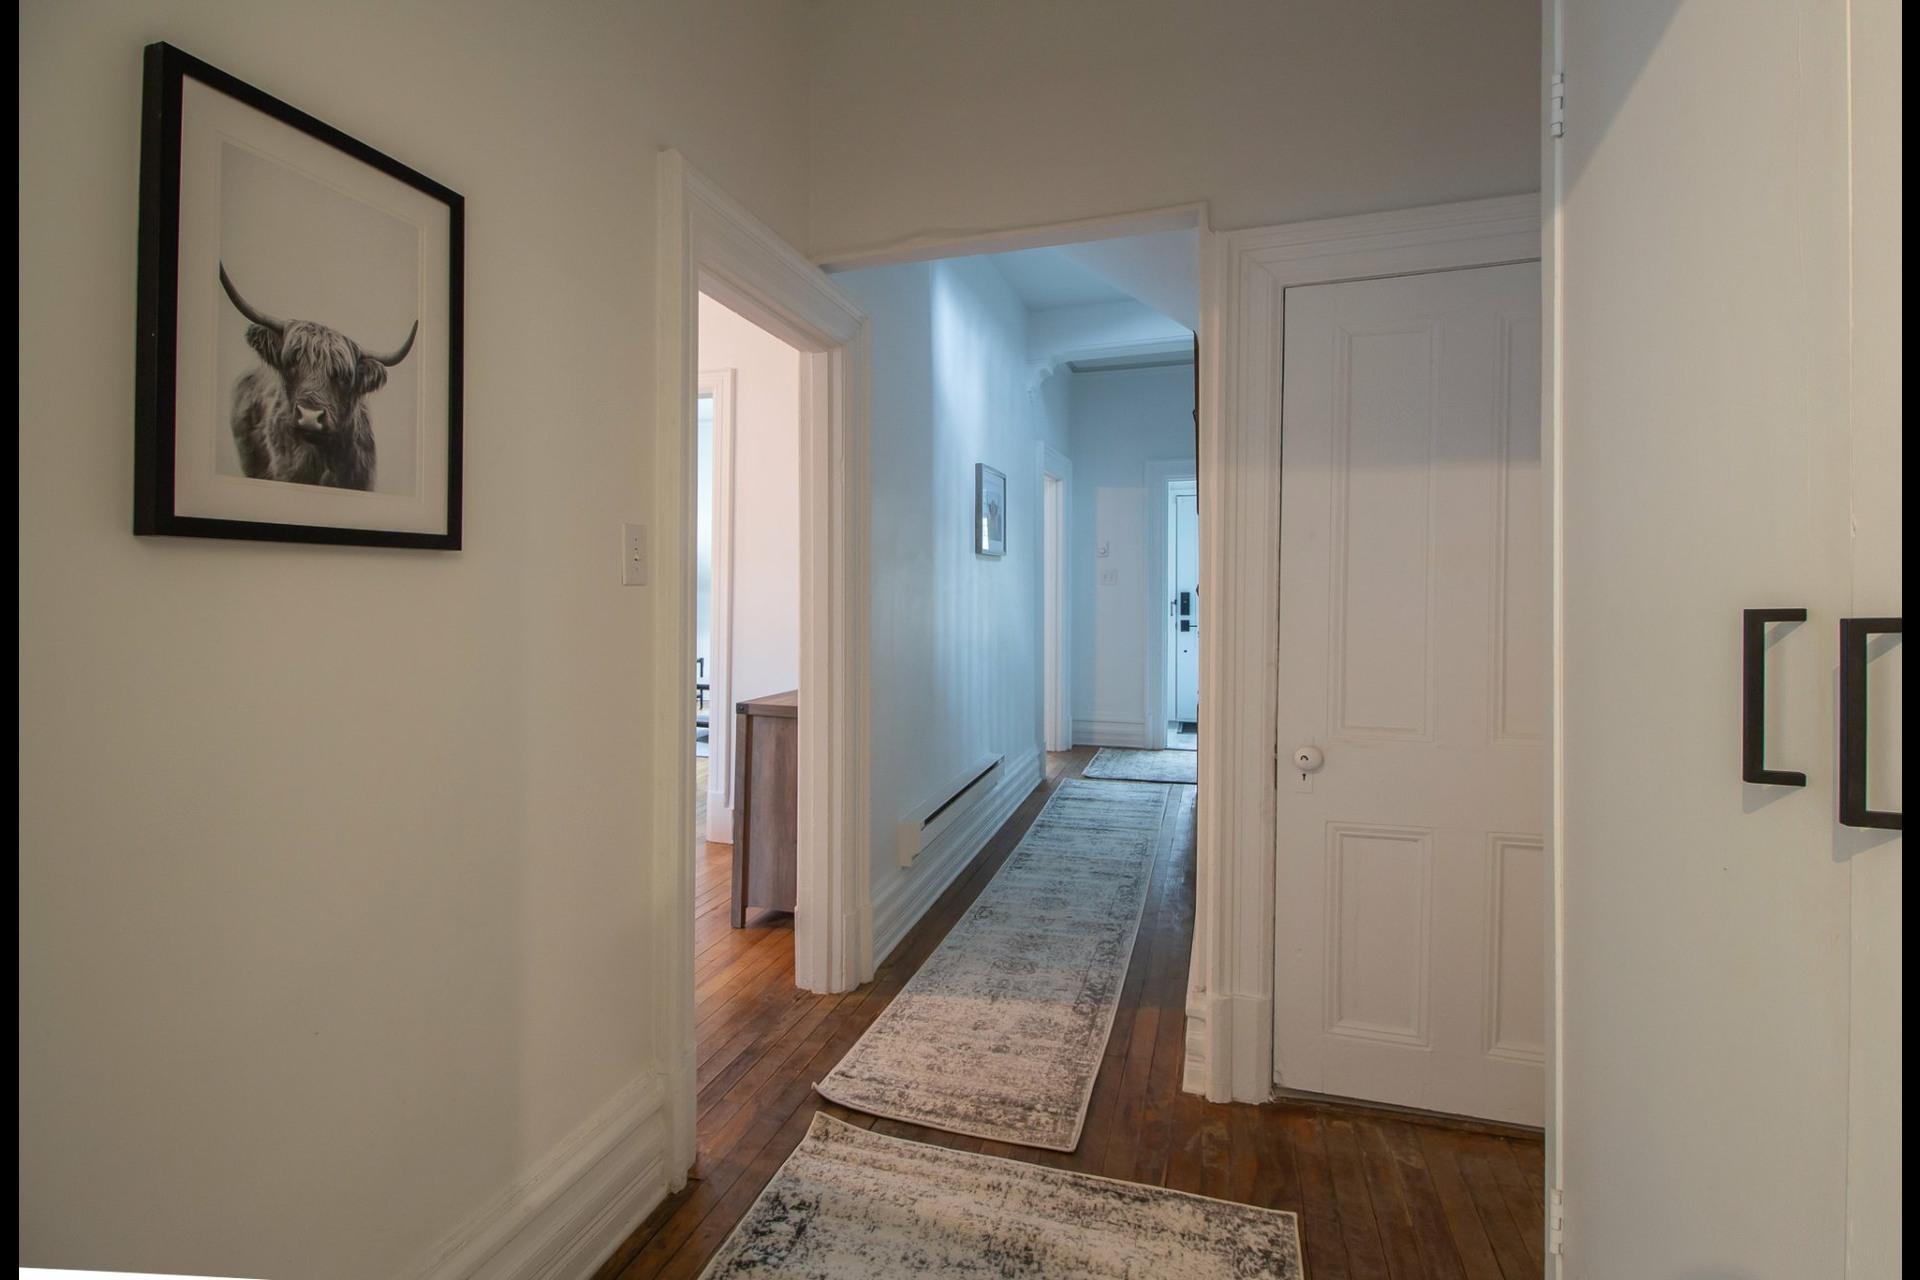 image 10 - House For rent Côte-des-Neiges/Notre-Dame-de-Grâce Montréal  - 8 rooms